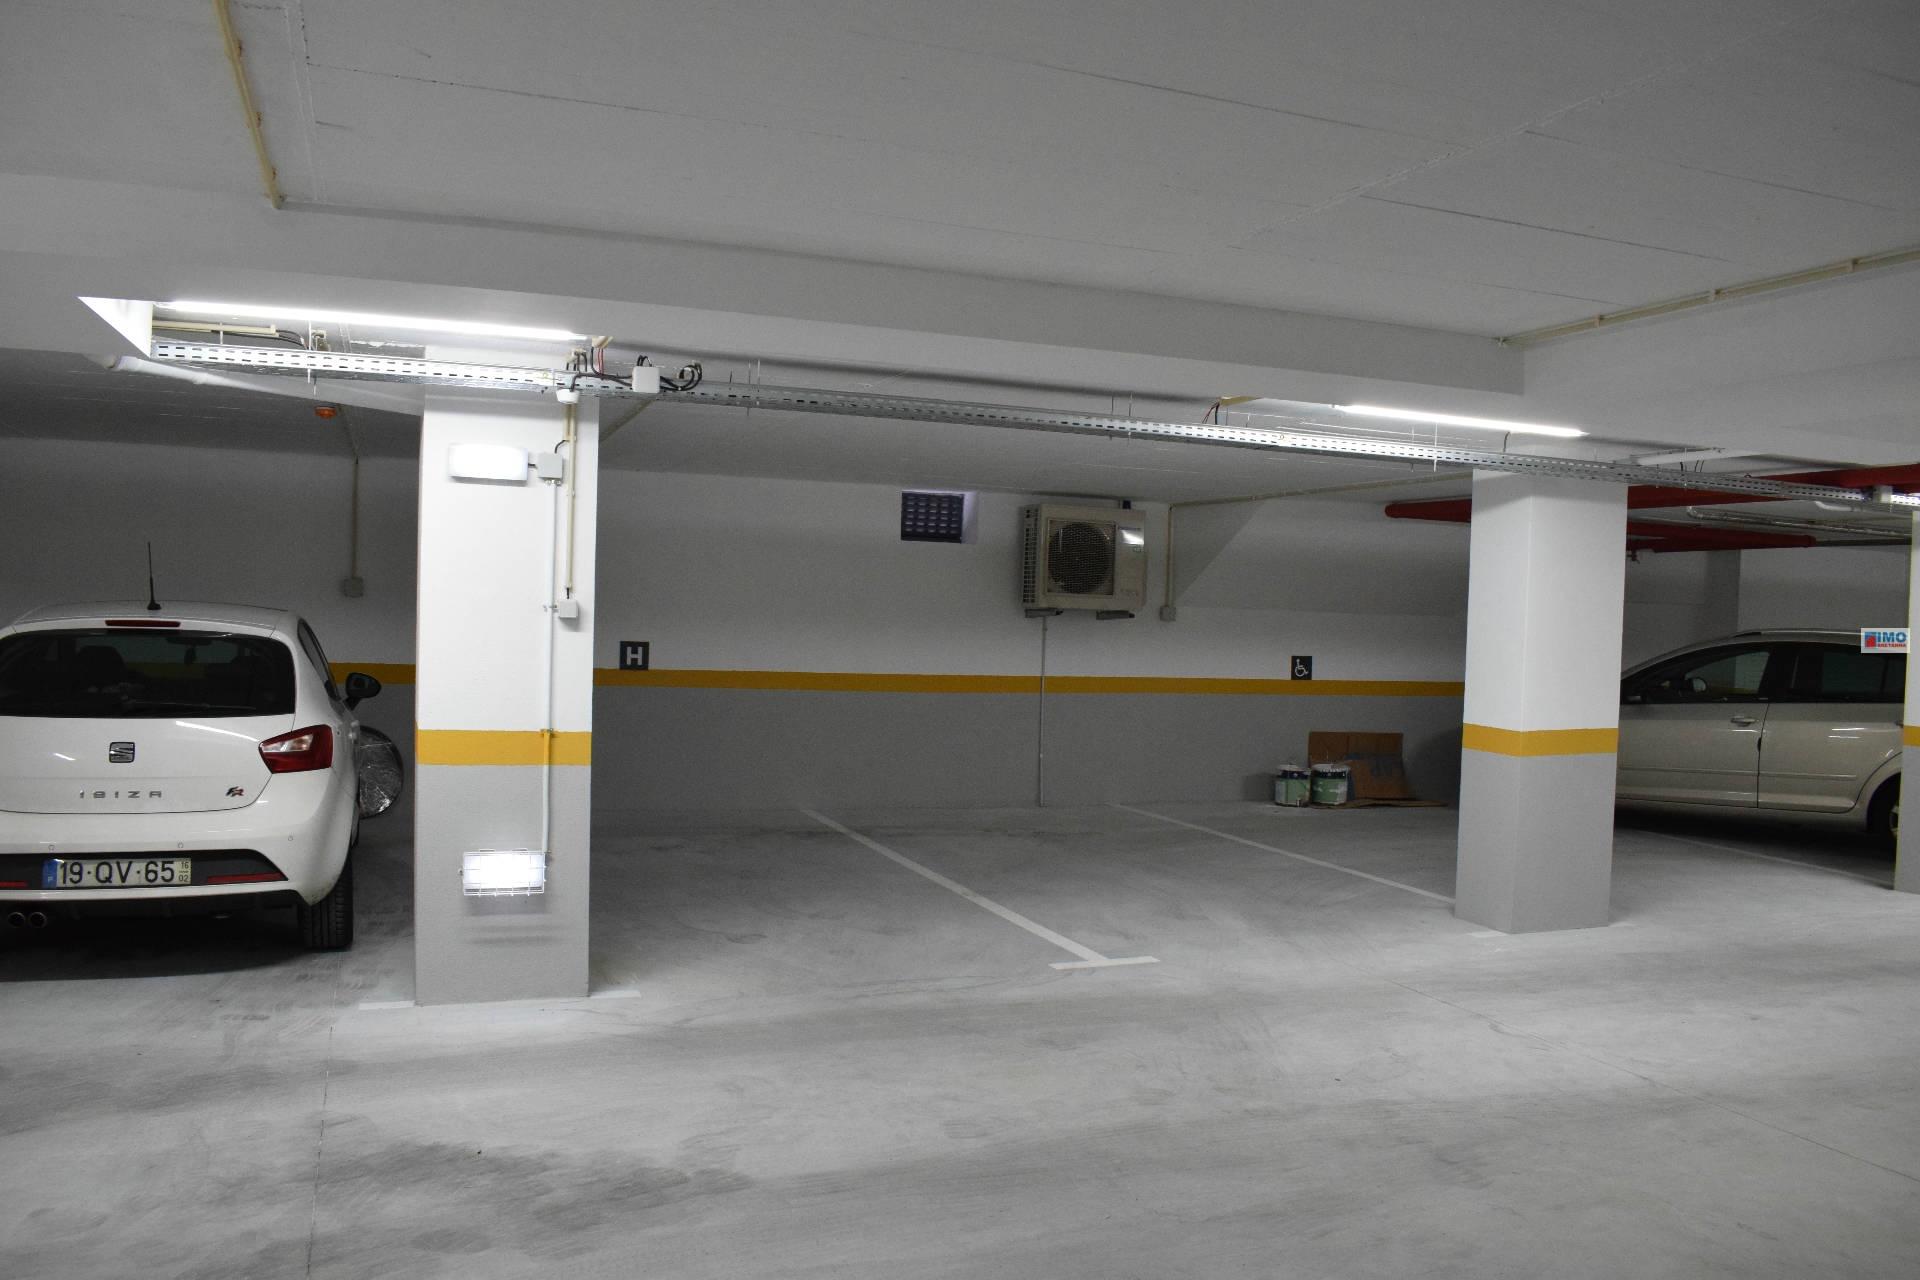 T3 NOVO - Zona Nobre da Covilhã